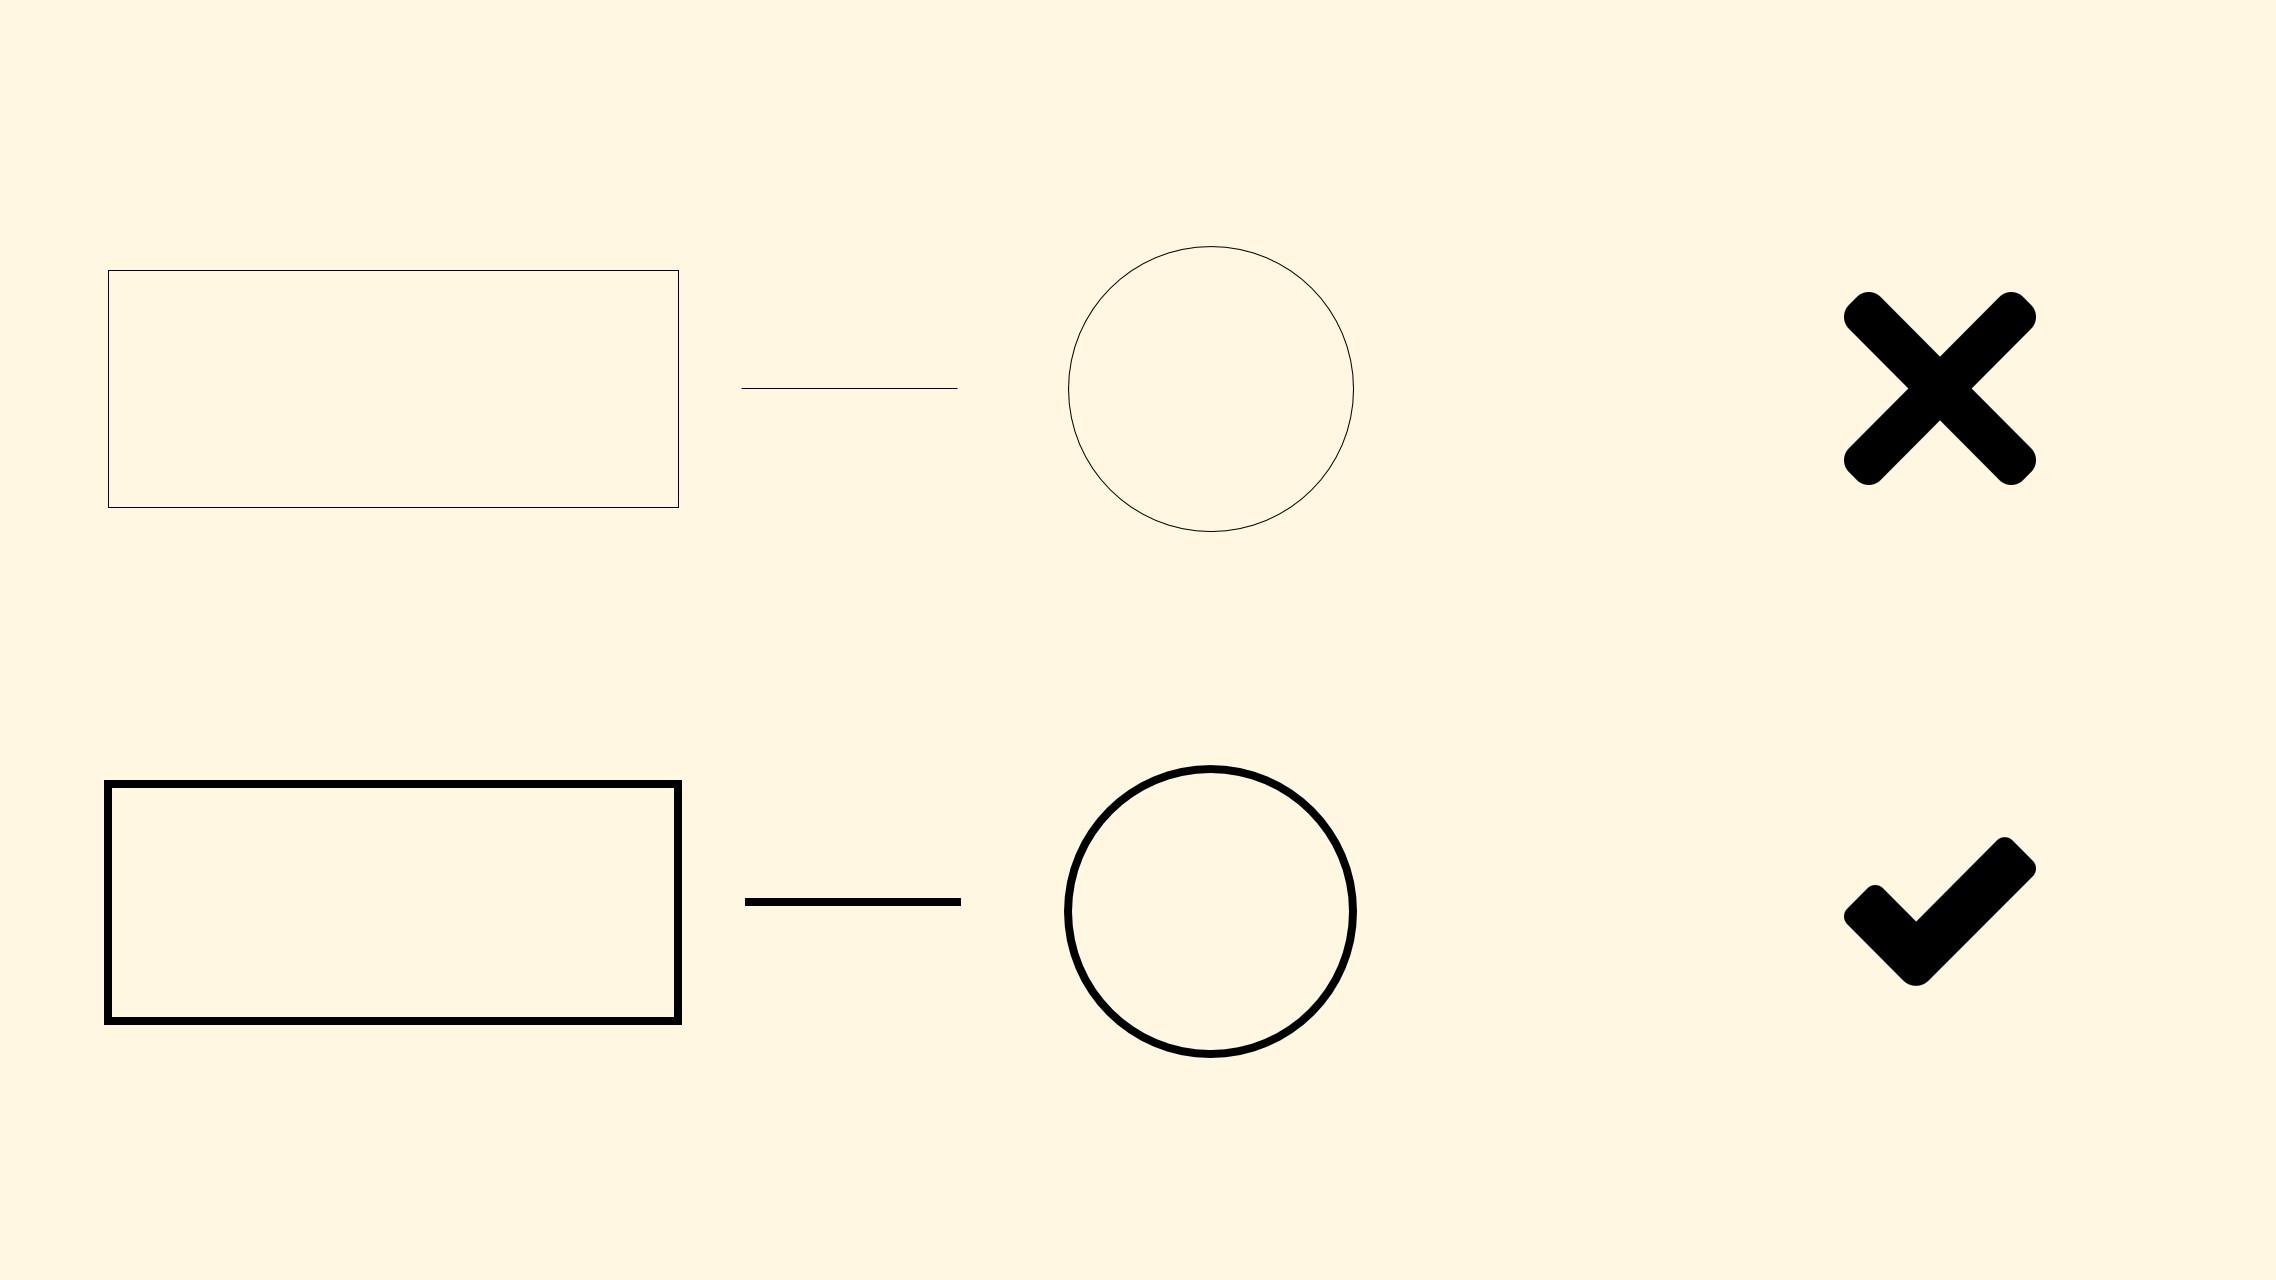 Hindari Outline yanh Tipis untuk Diagram Proses